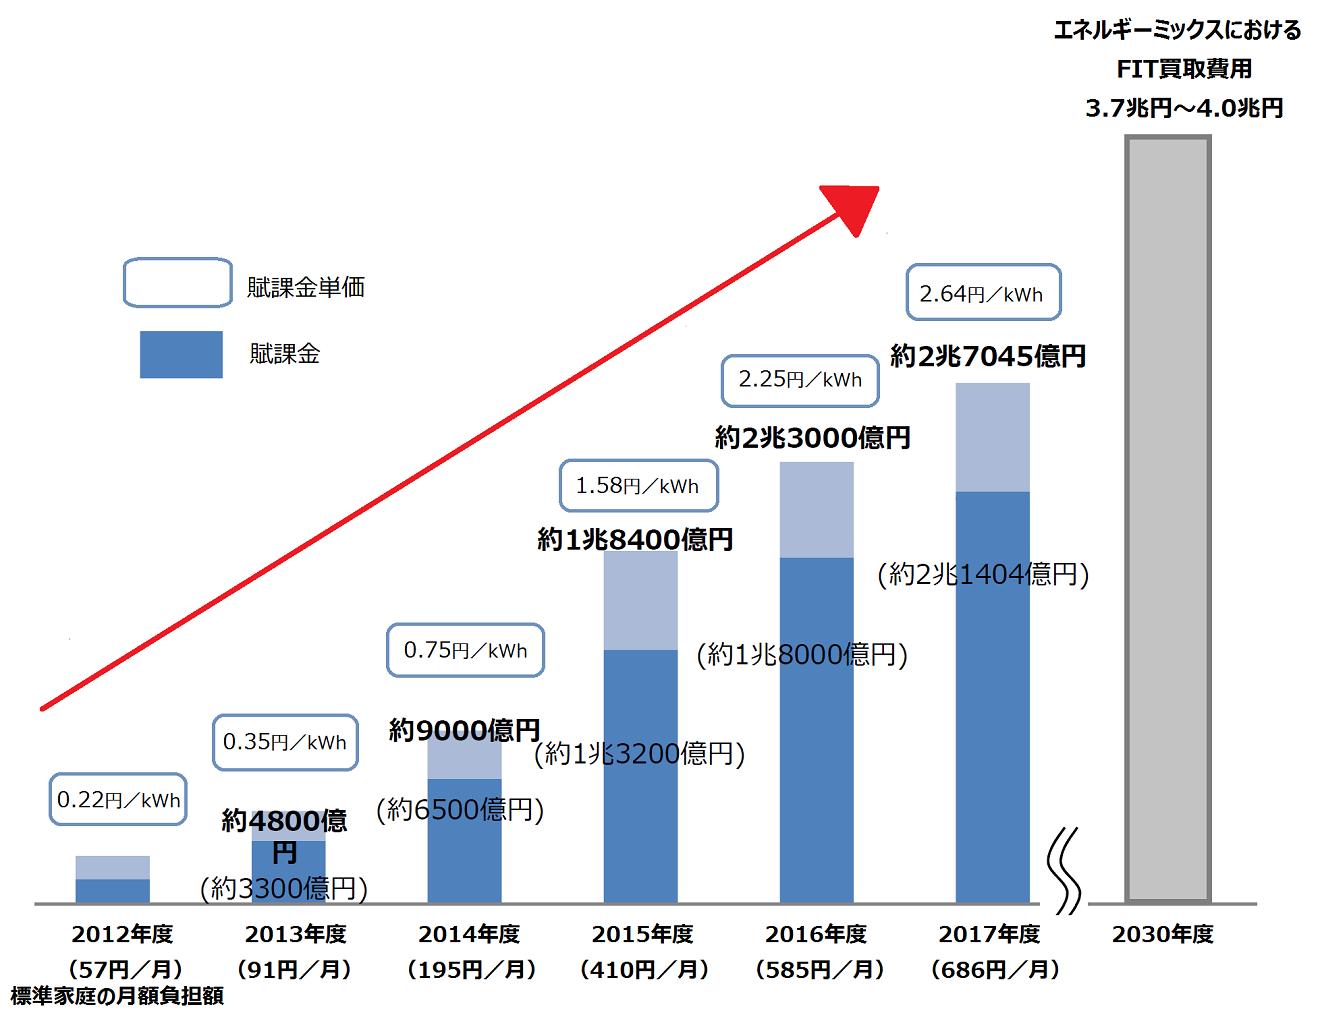 再エネ賦課金上昇グラフ